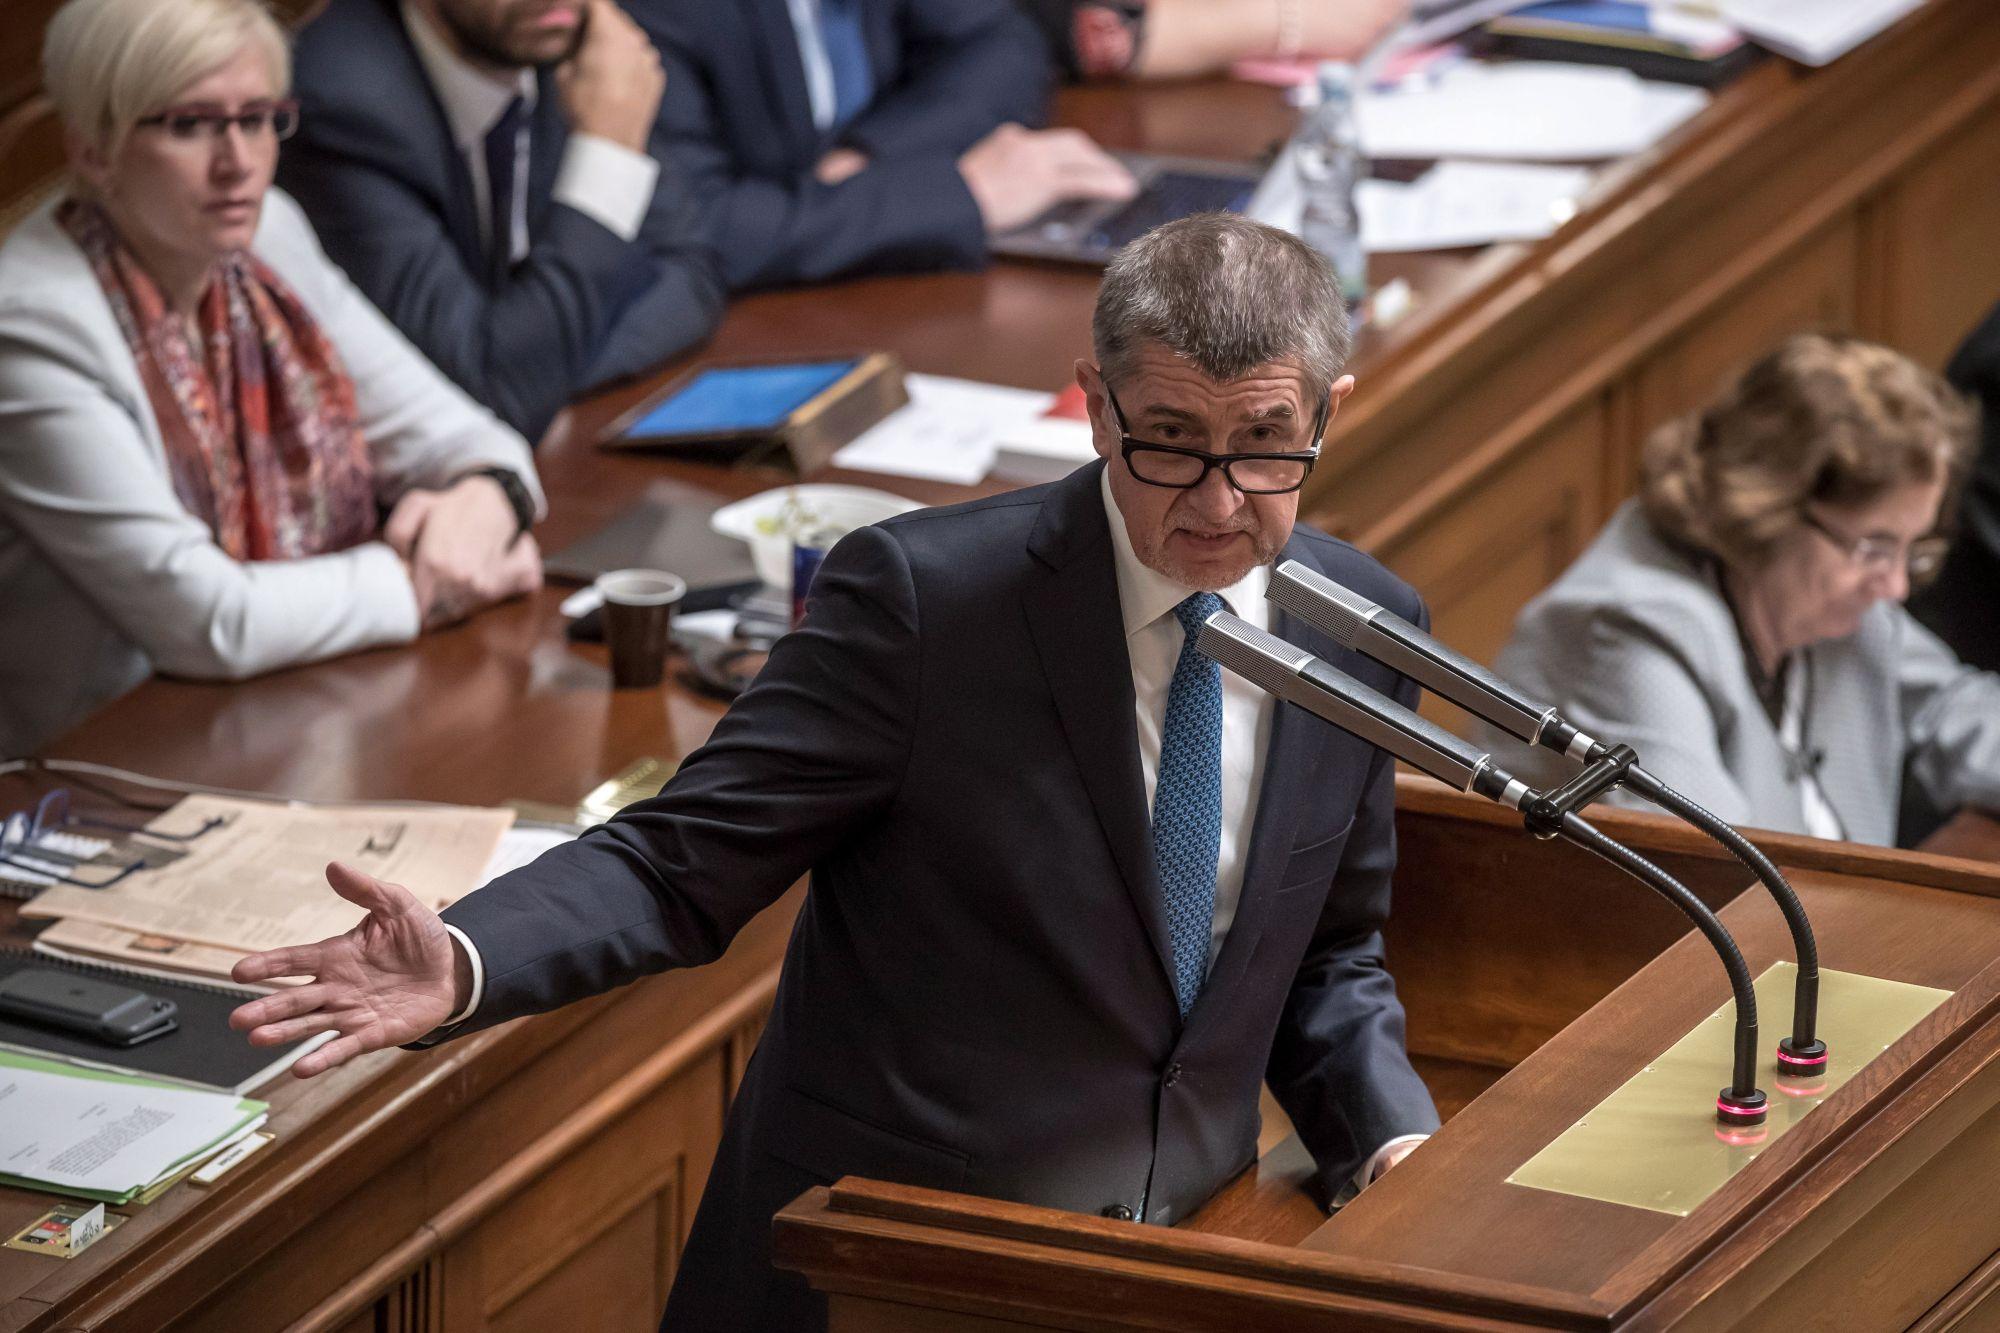 Andrej Babis cseh miniszterelnök beszédet mond a kisebbségi kormányáról tartott bizalmi szavazás előtt a képviselőház ülésén Prágában 2018. január 16-án. Az októberi választáson győztes, Babis vezette ANO mozgalomnak nincs elég képviselője a törvényhozásban a kormányprogram elfogadásához. (MTI/EPA/Martin Divisek)